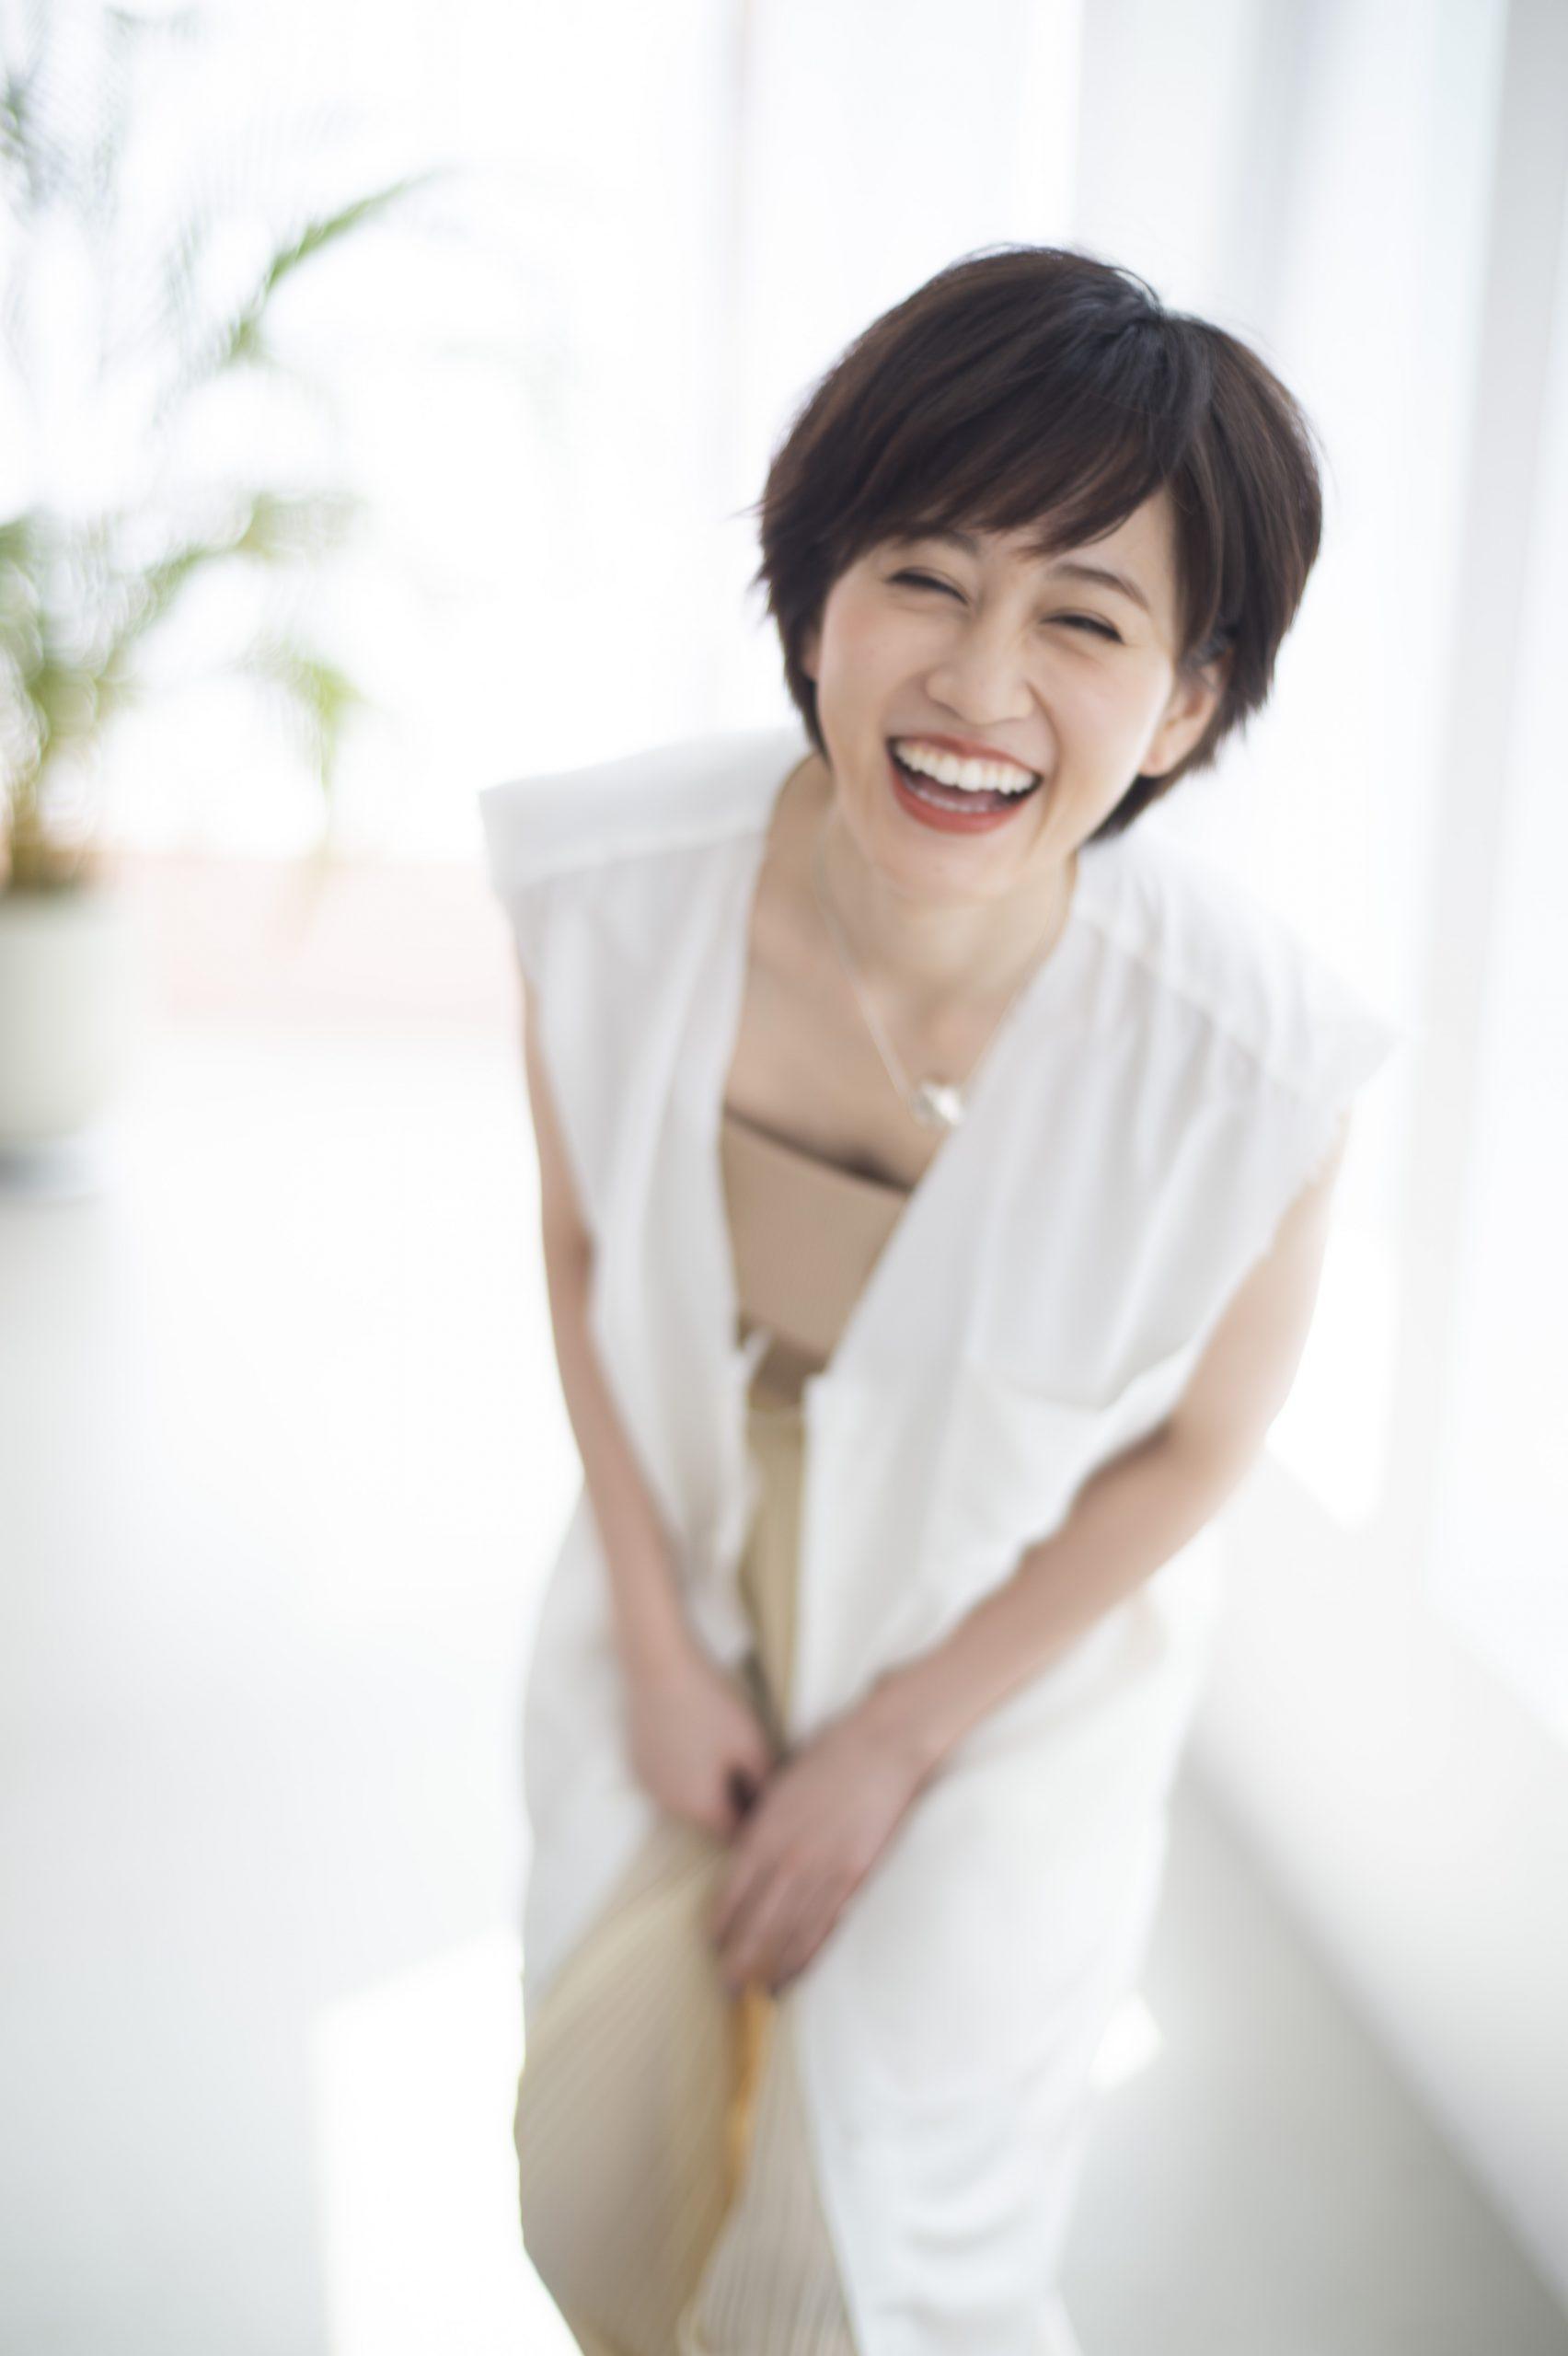 子育て、離婚、仕事復帰について語る前田敦子さん